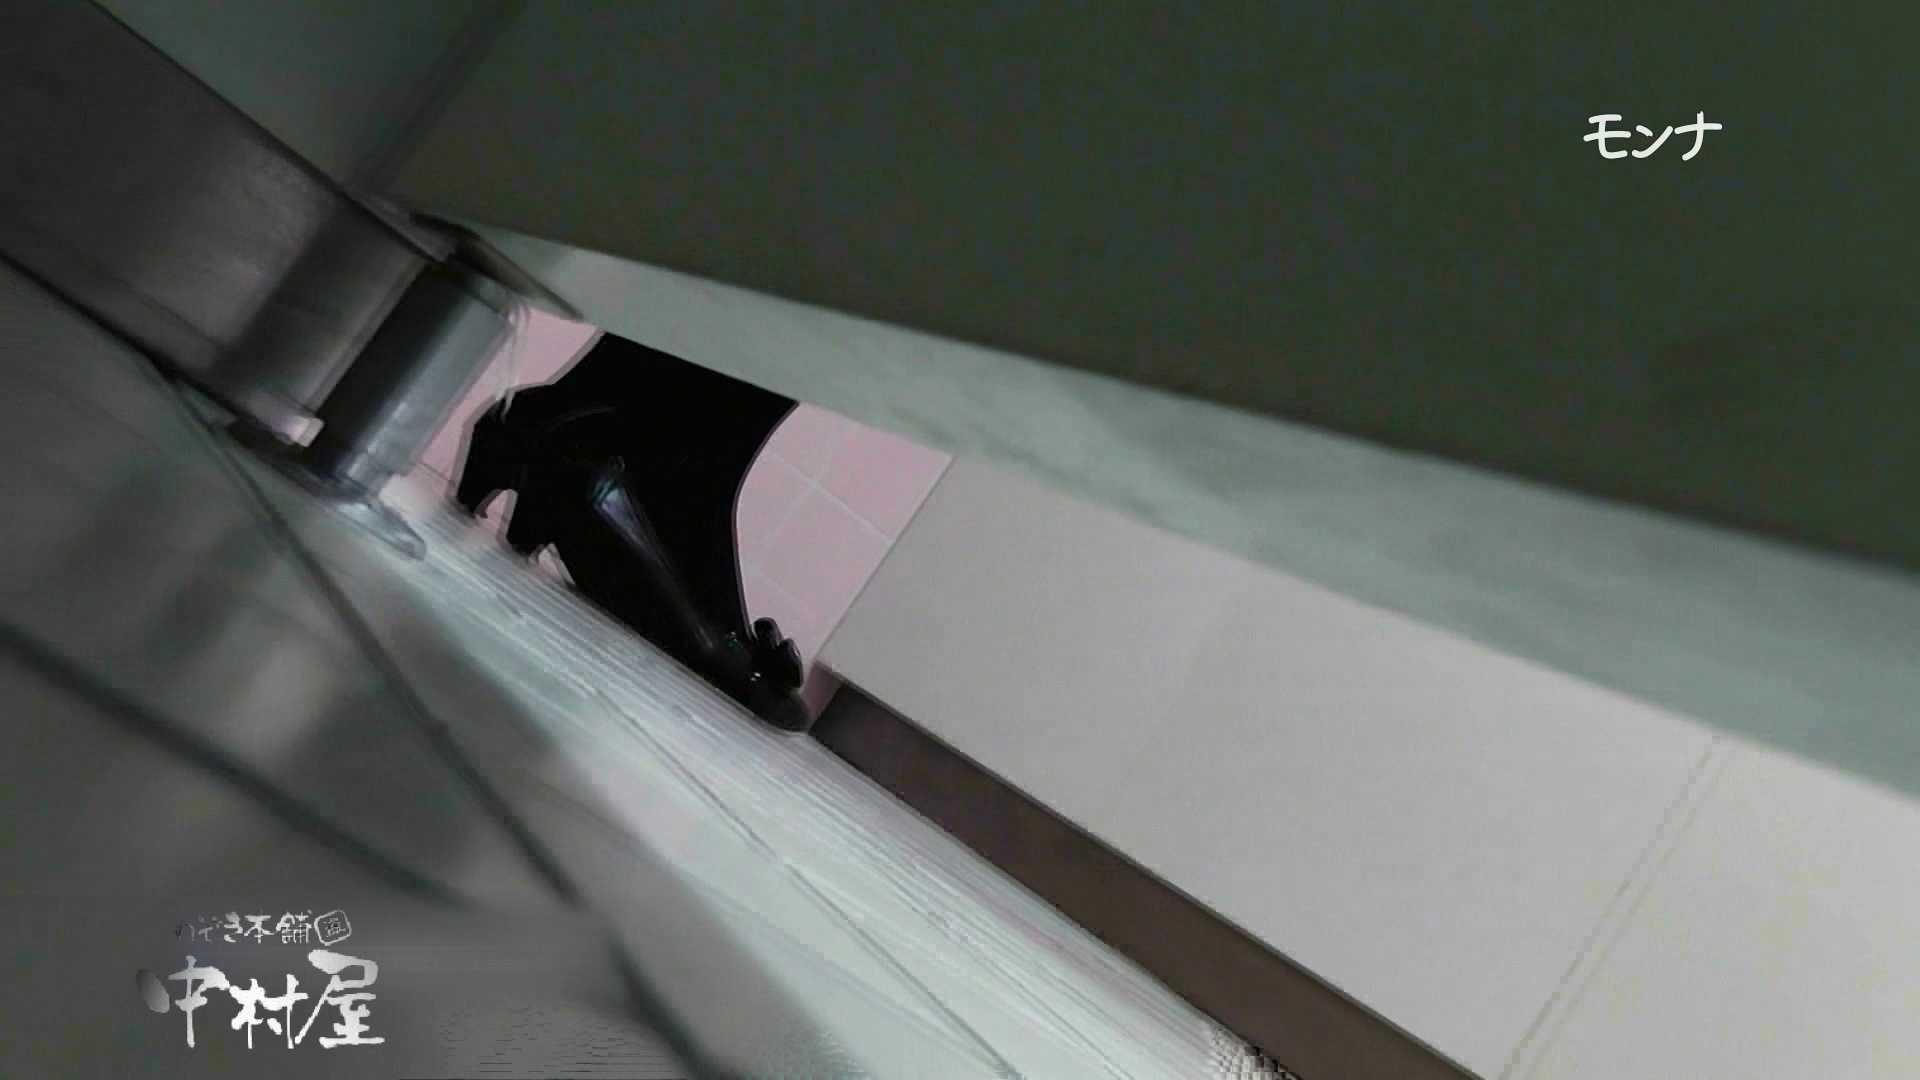 【美しい日本の未来】遂に!!戸田恵梨香似の予告モデル登場ダッシュで「大」後編 おまんこ見放題  101PIX 70